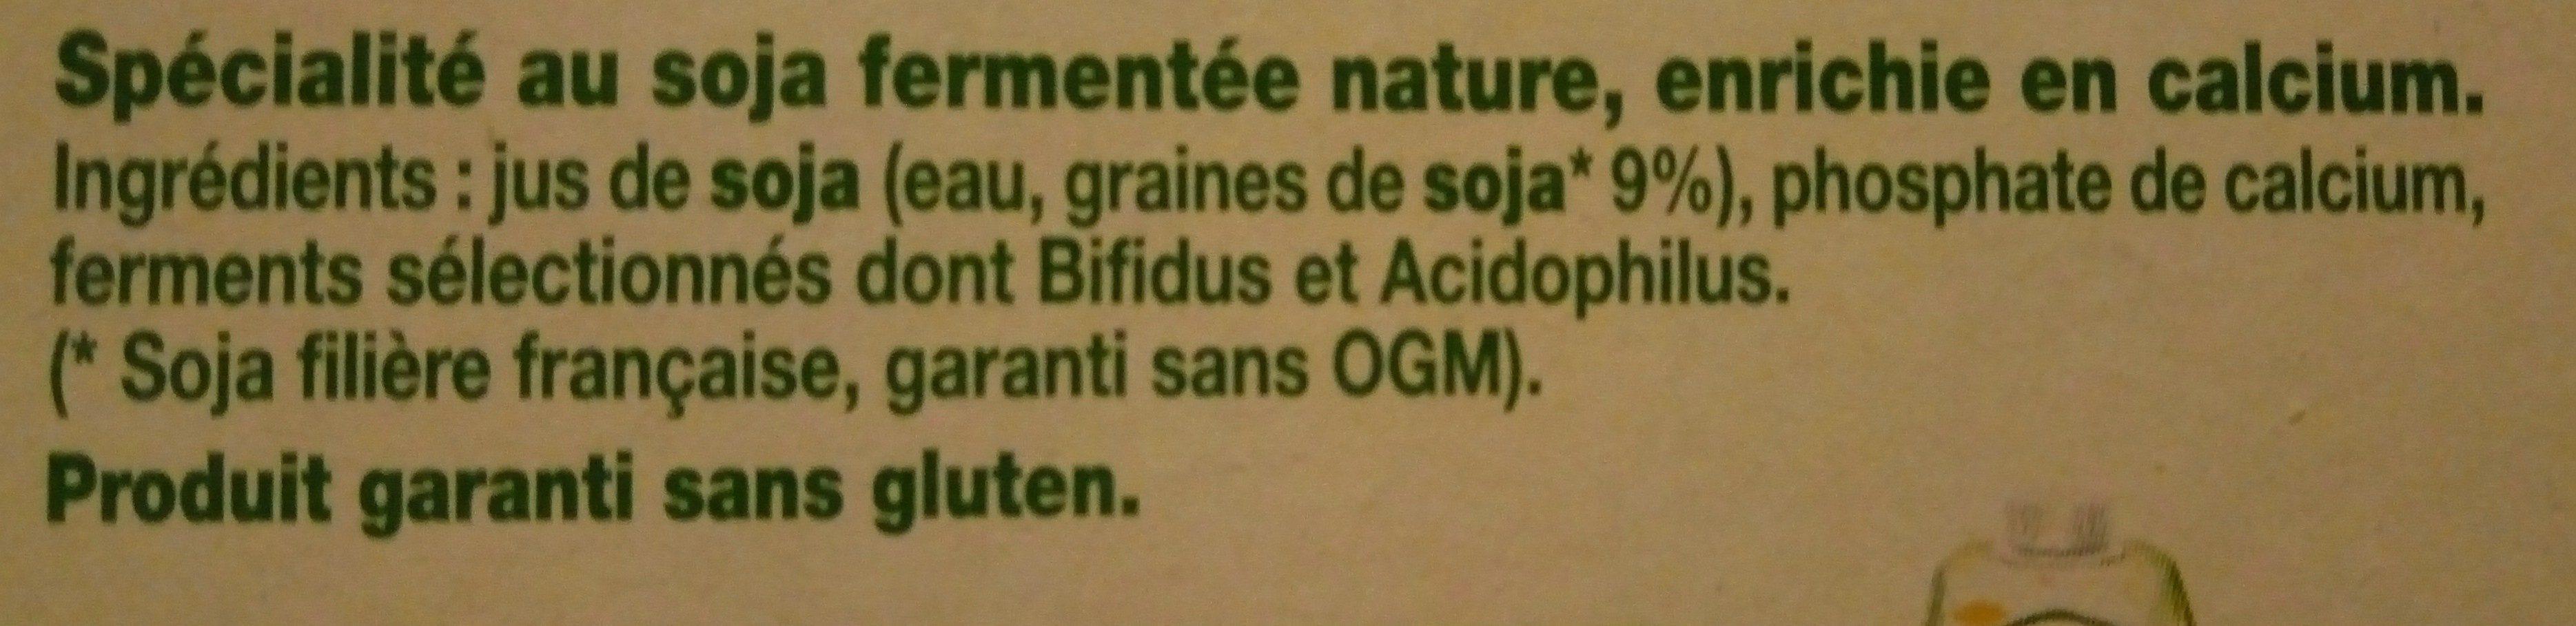 Sojasun nature - Ingredients - fr